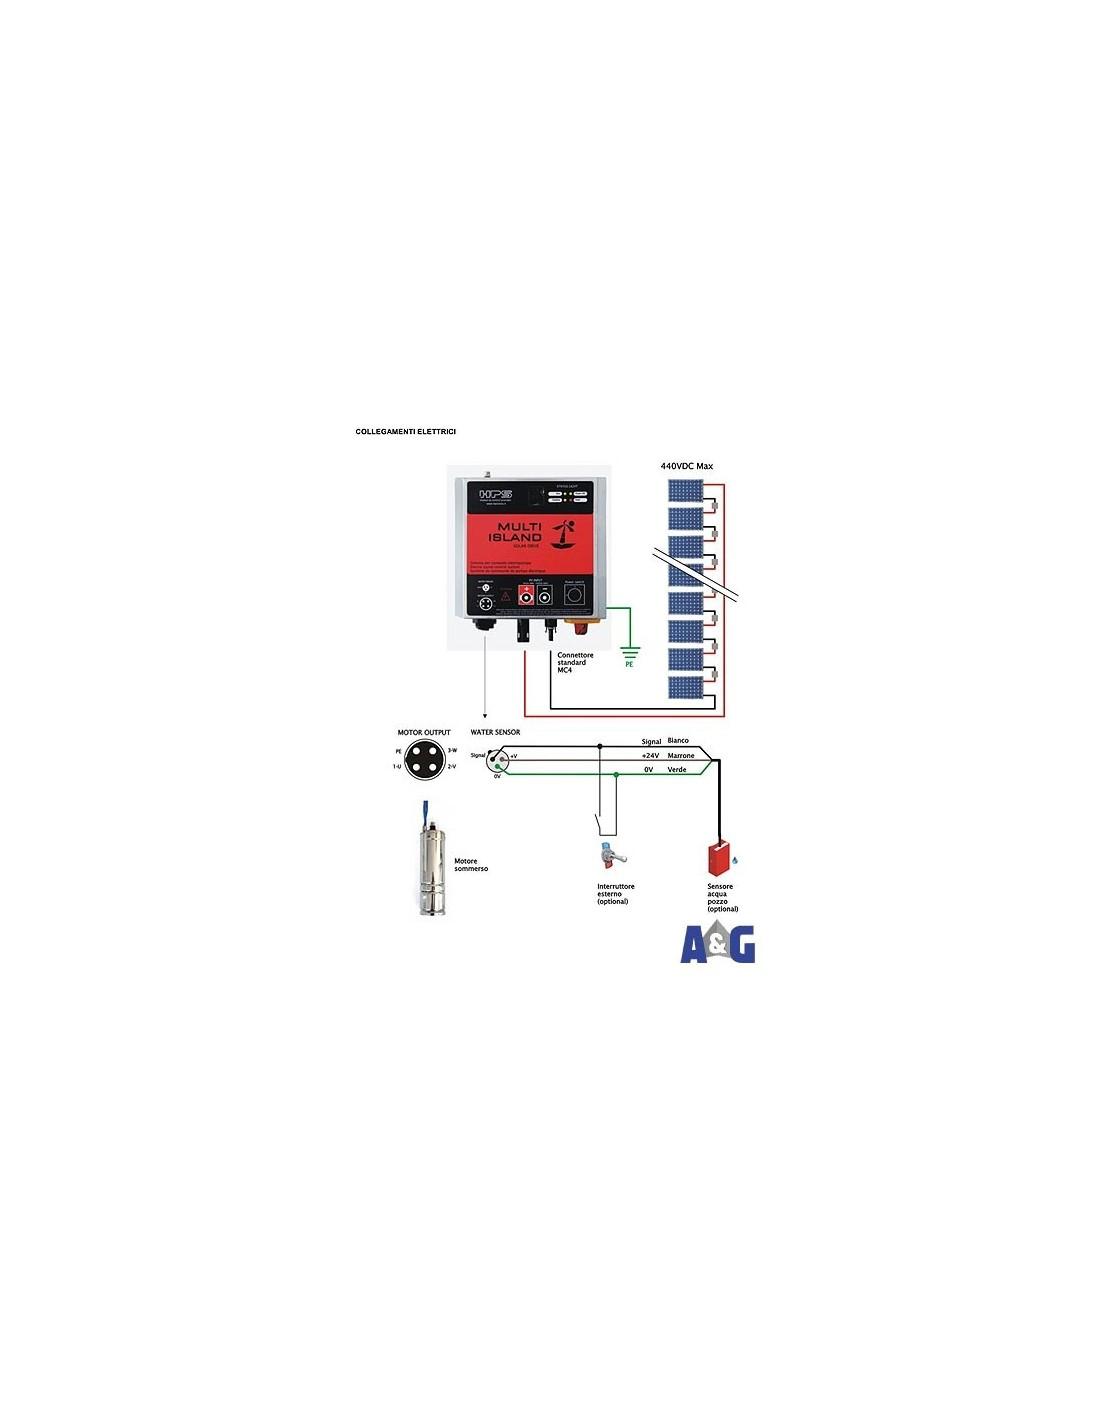 Pannelli Fotovoltaici Raffreddati Ad Acqua.Kit Multi Island Sistema Per Pompaggio Acqua Da Pozzo Con Alimentazione Da Pannello Fotovoltaico Aegmarket Com